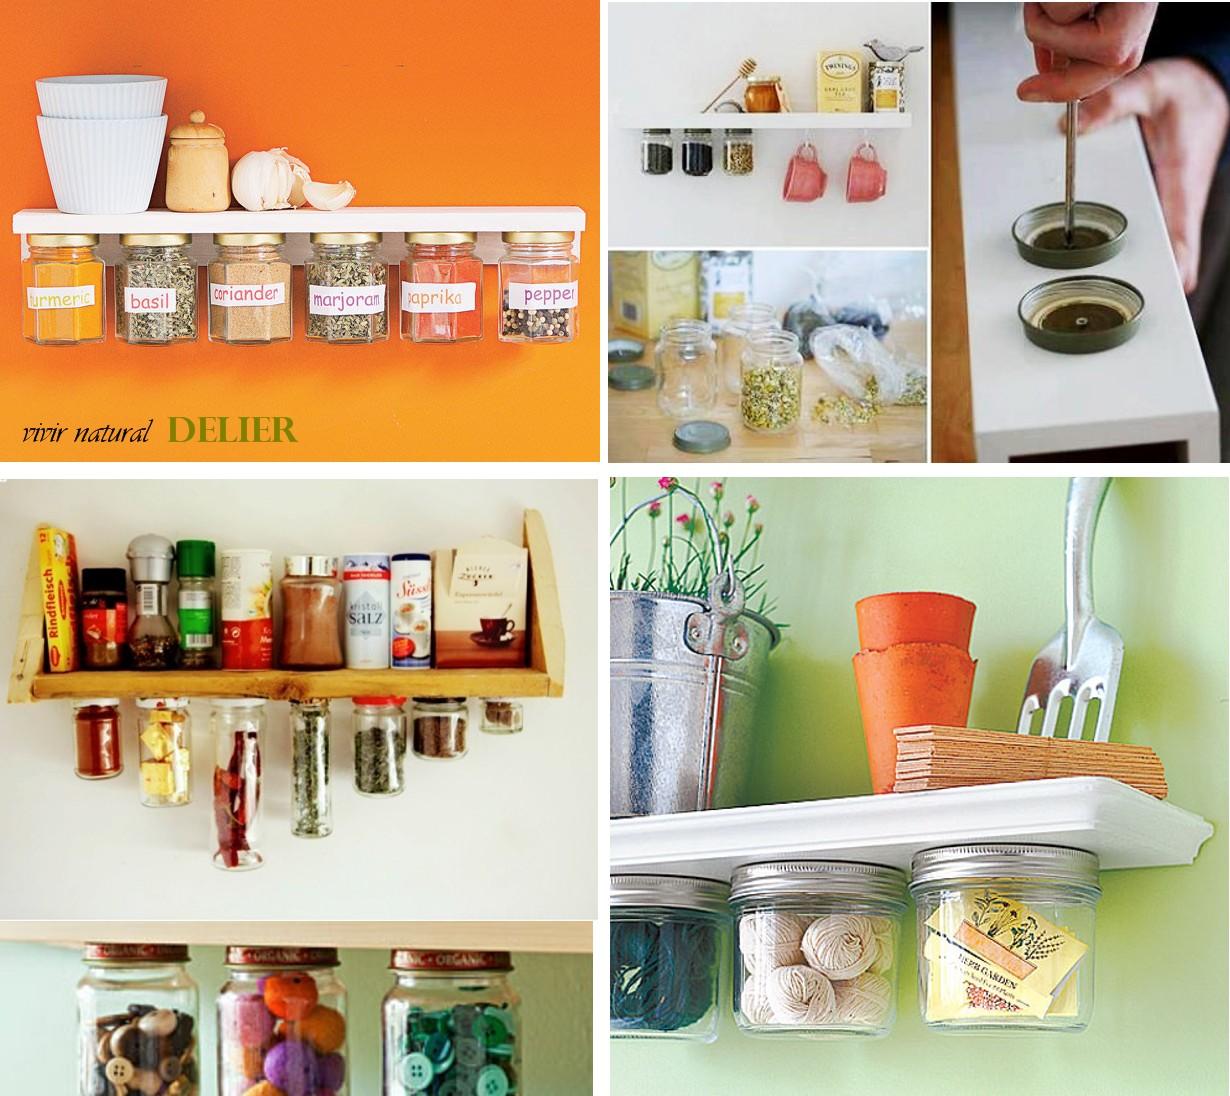 Sensaciones de hogar reciclar ideas for Ideas decorativas hogar